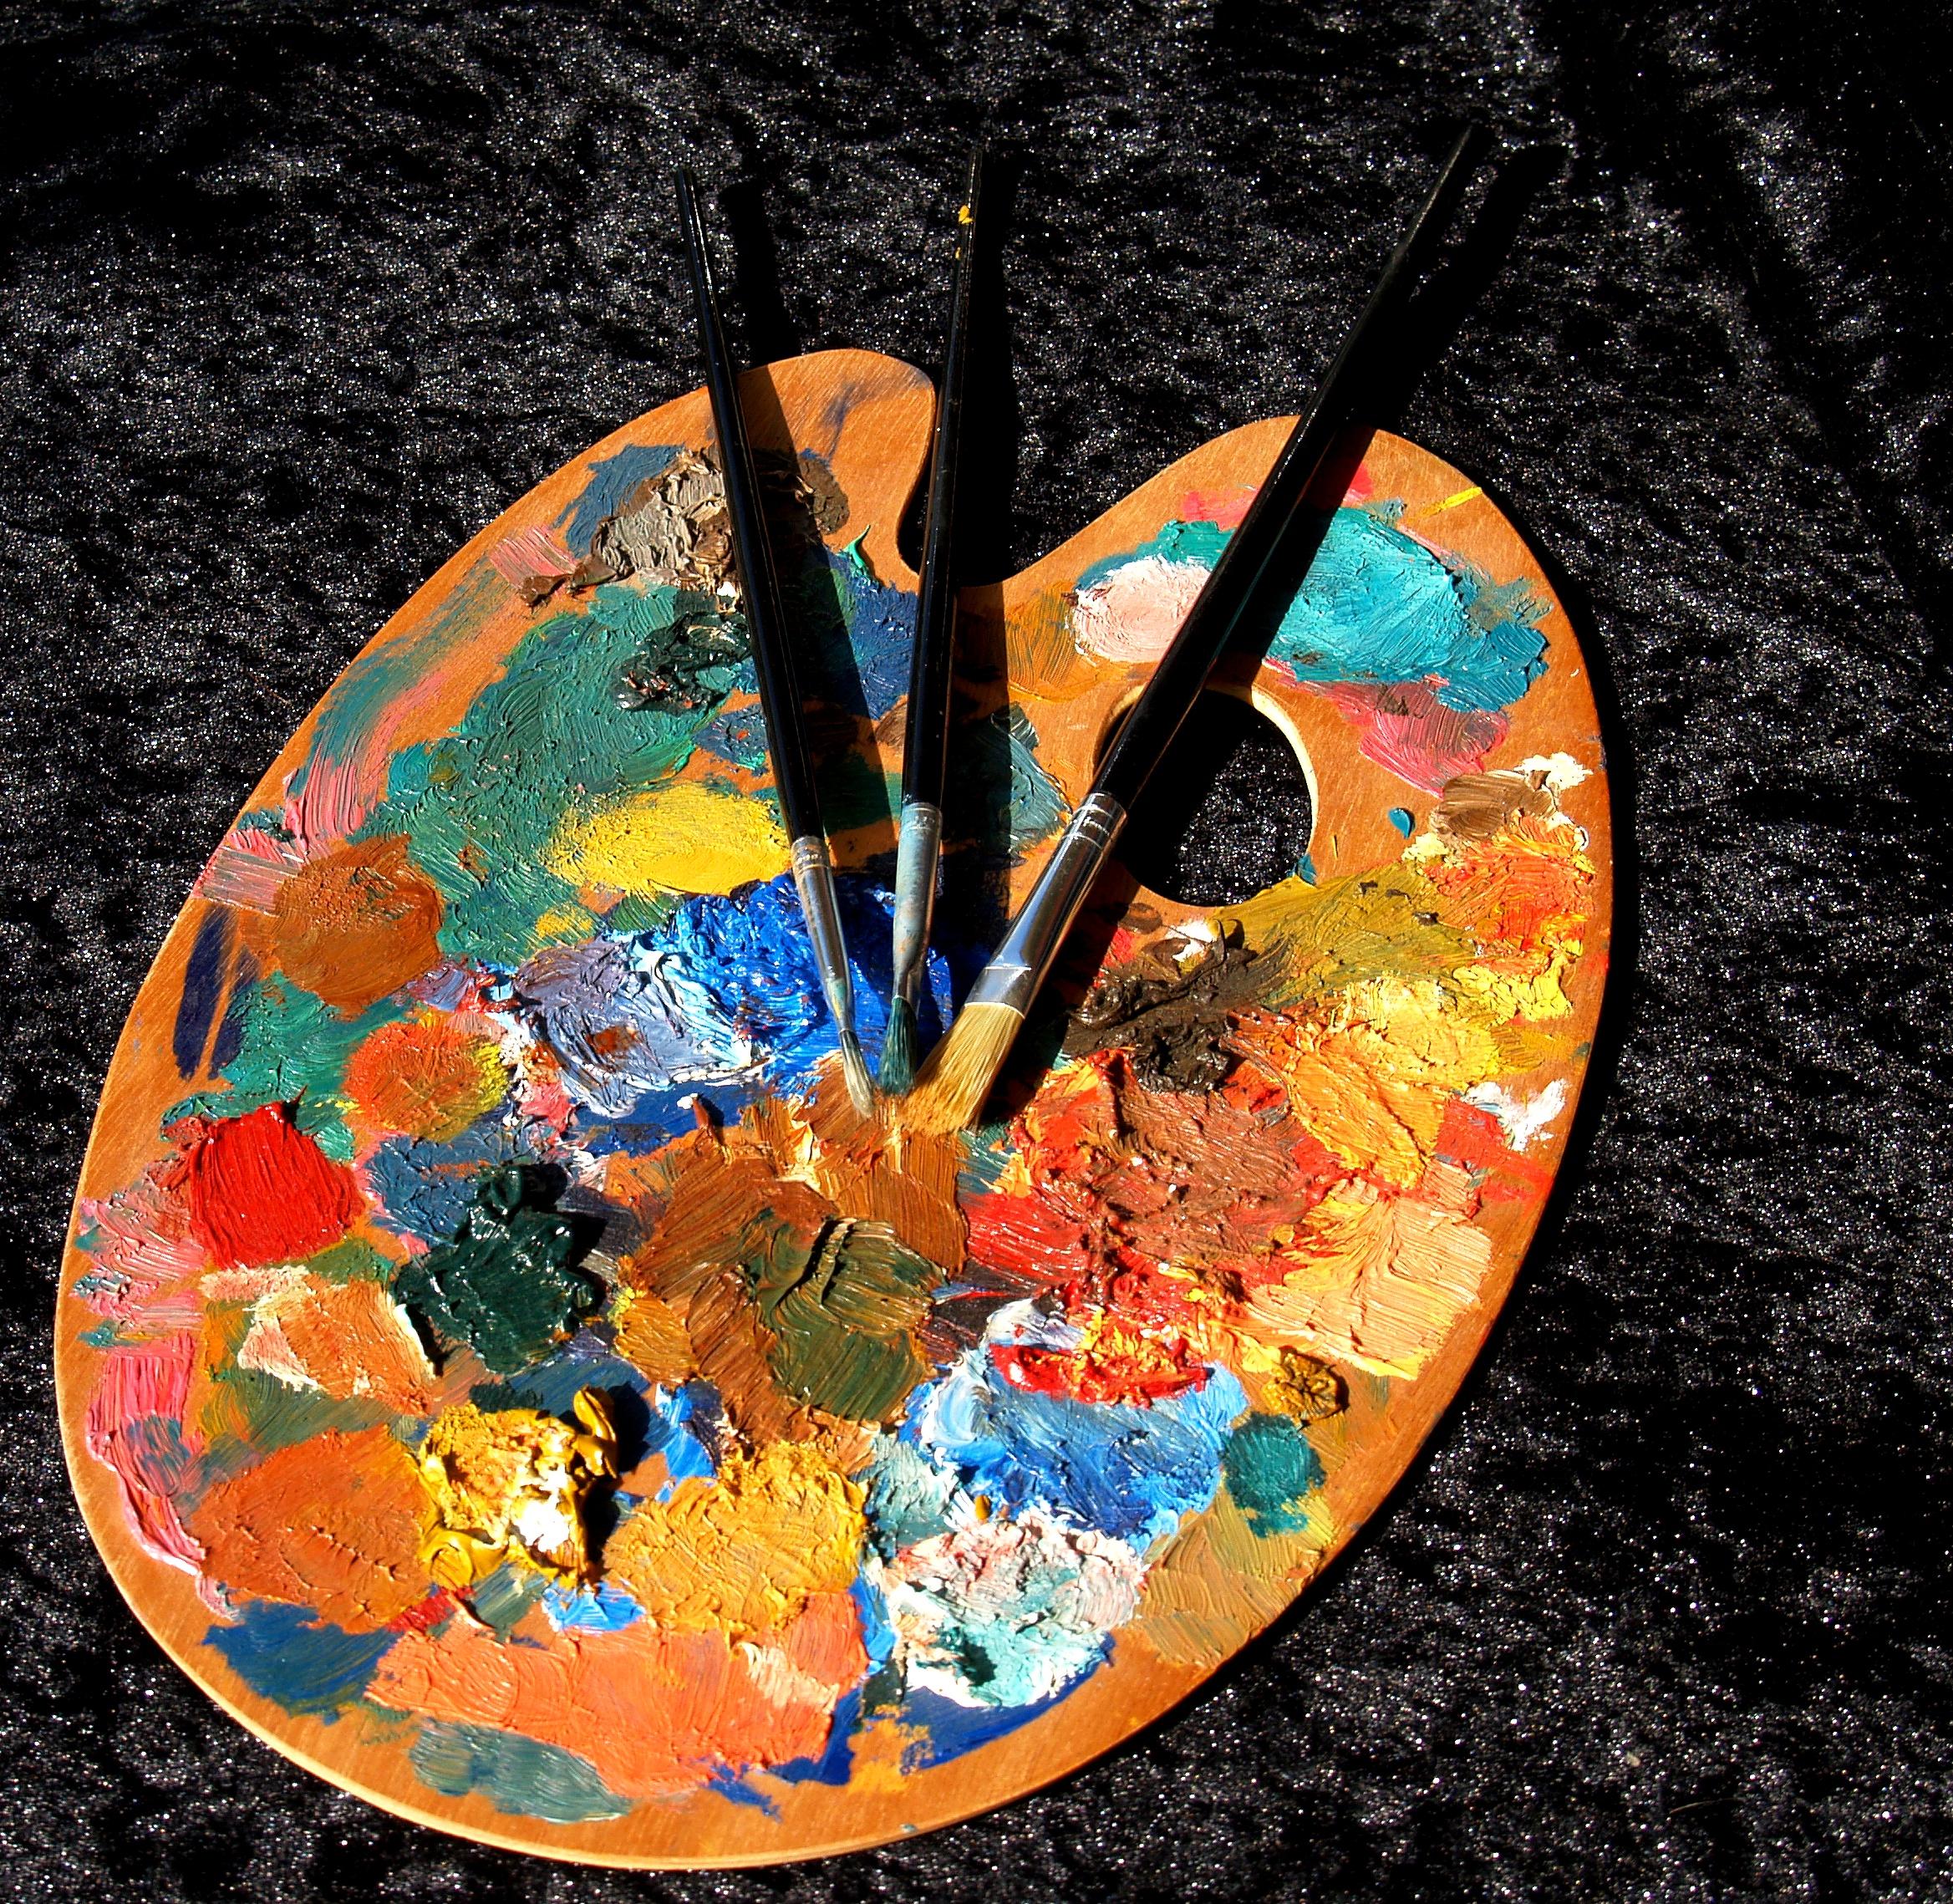 Detalles sobre pintura art stica taringa - Colores en pintura ...